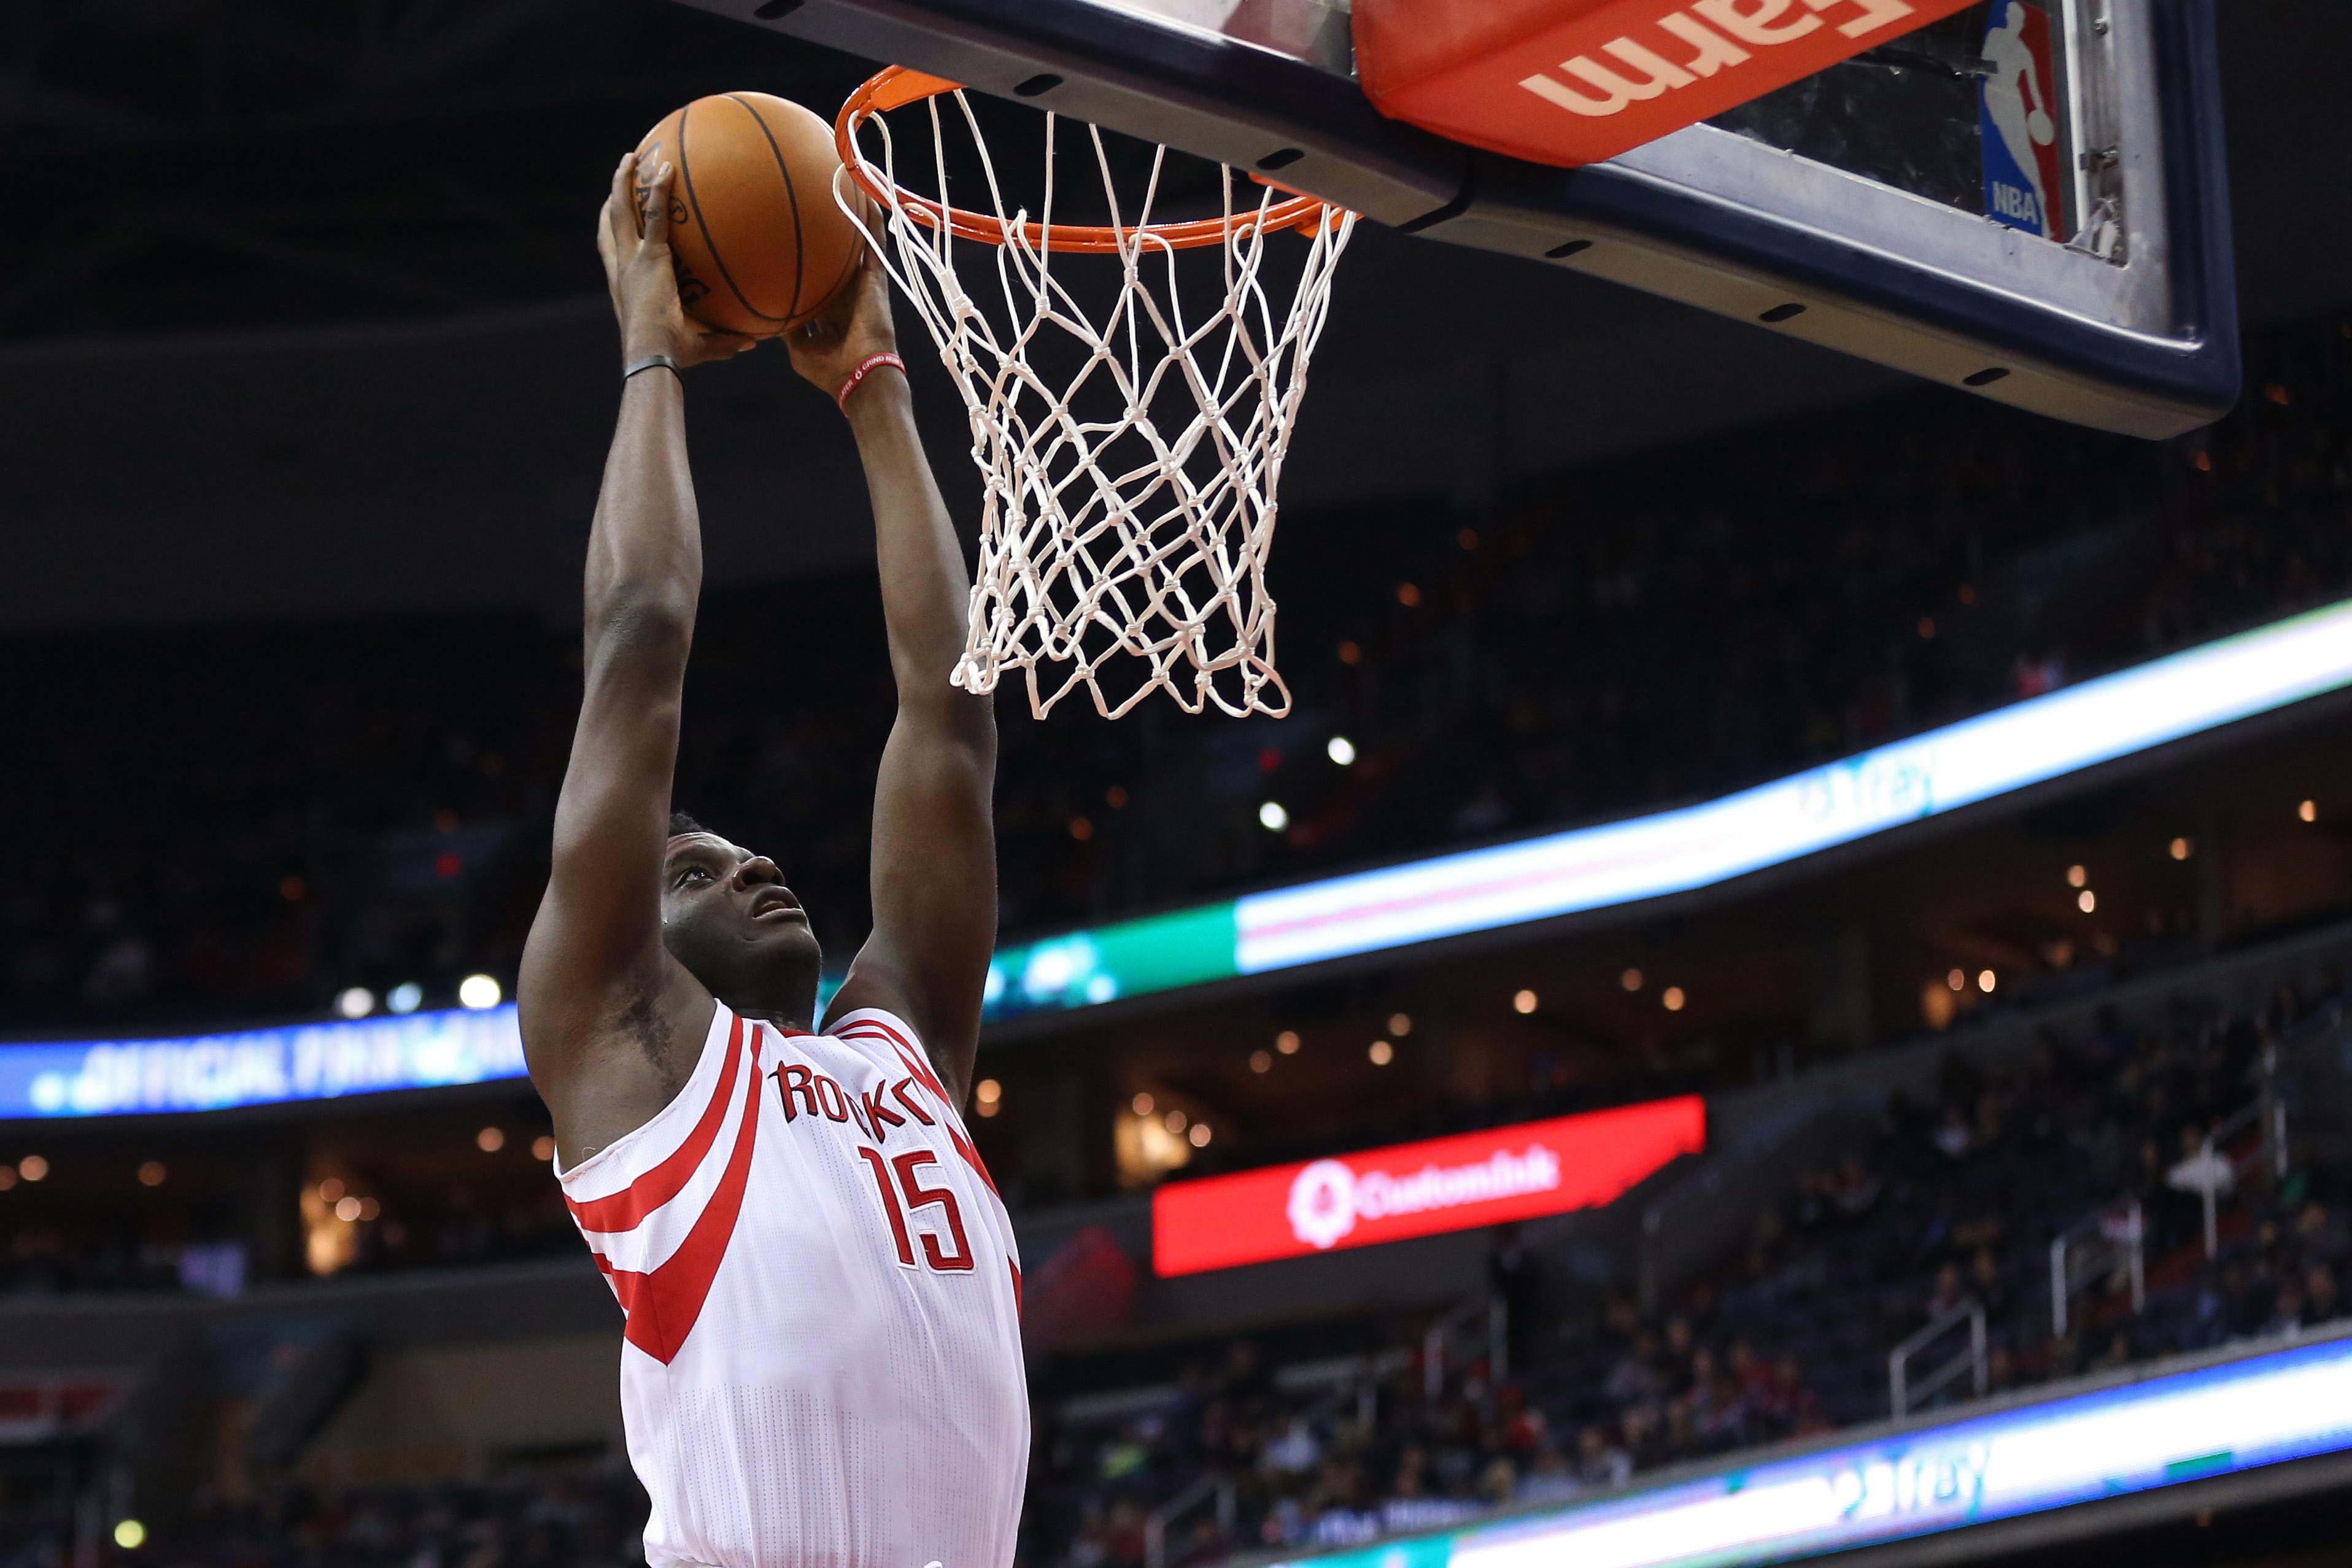 Houston Rockets: Clint Capela Has Potential To Flourish